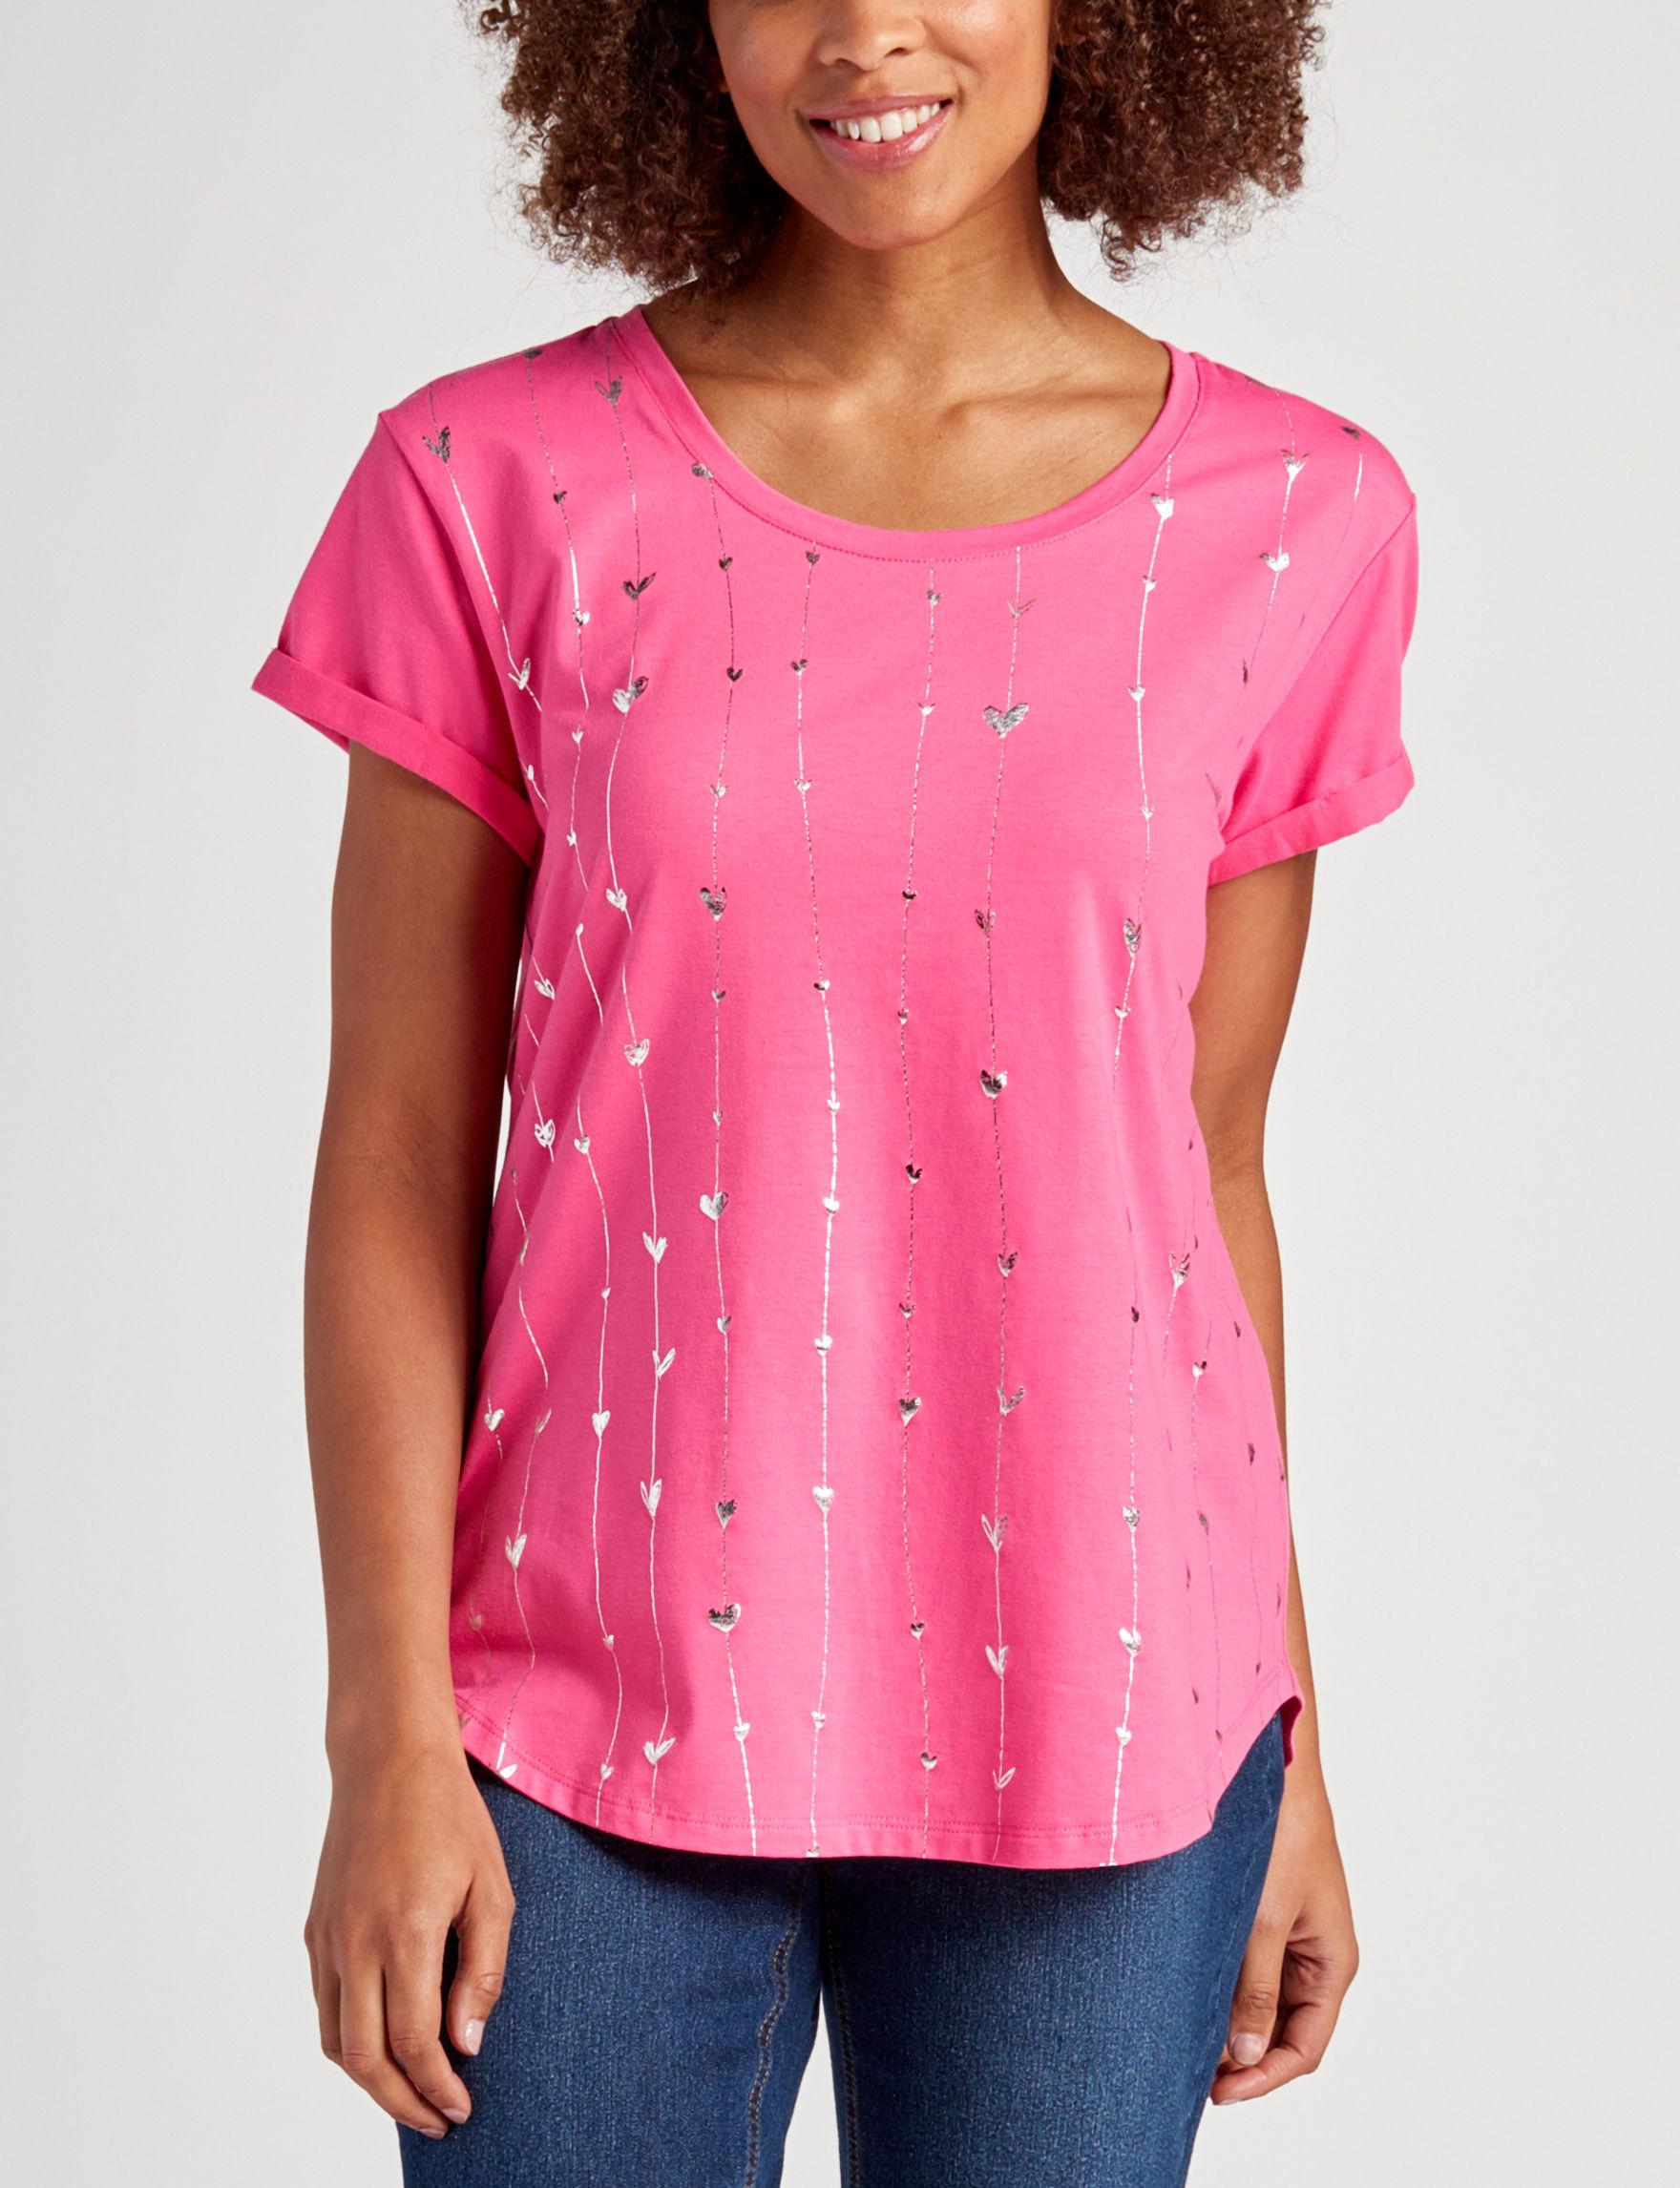 Rebecca Malone Hot Pink Shirts & Blouses